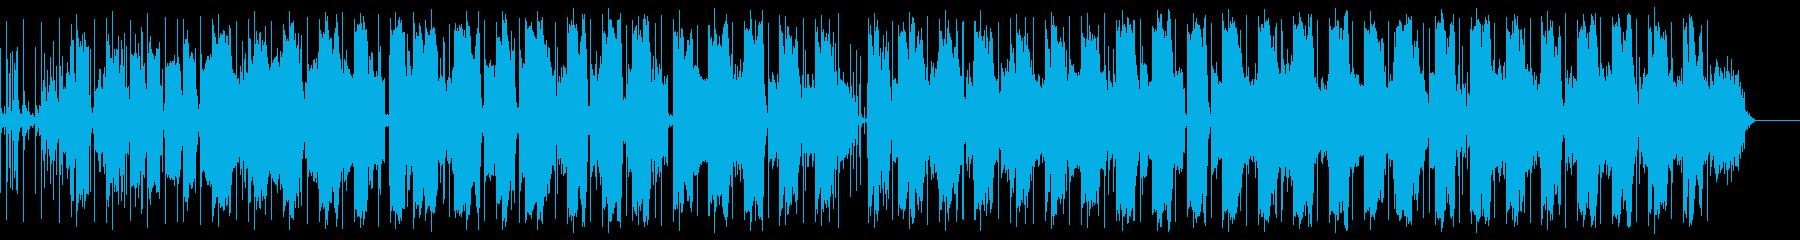 抽象的な音をコラージュした映像音楽の再生済みの波形